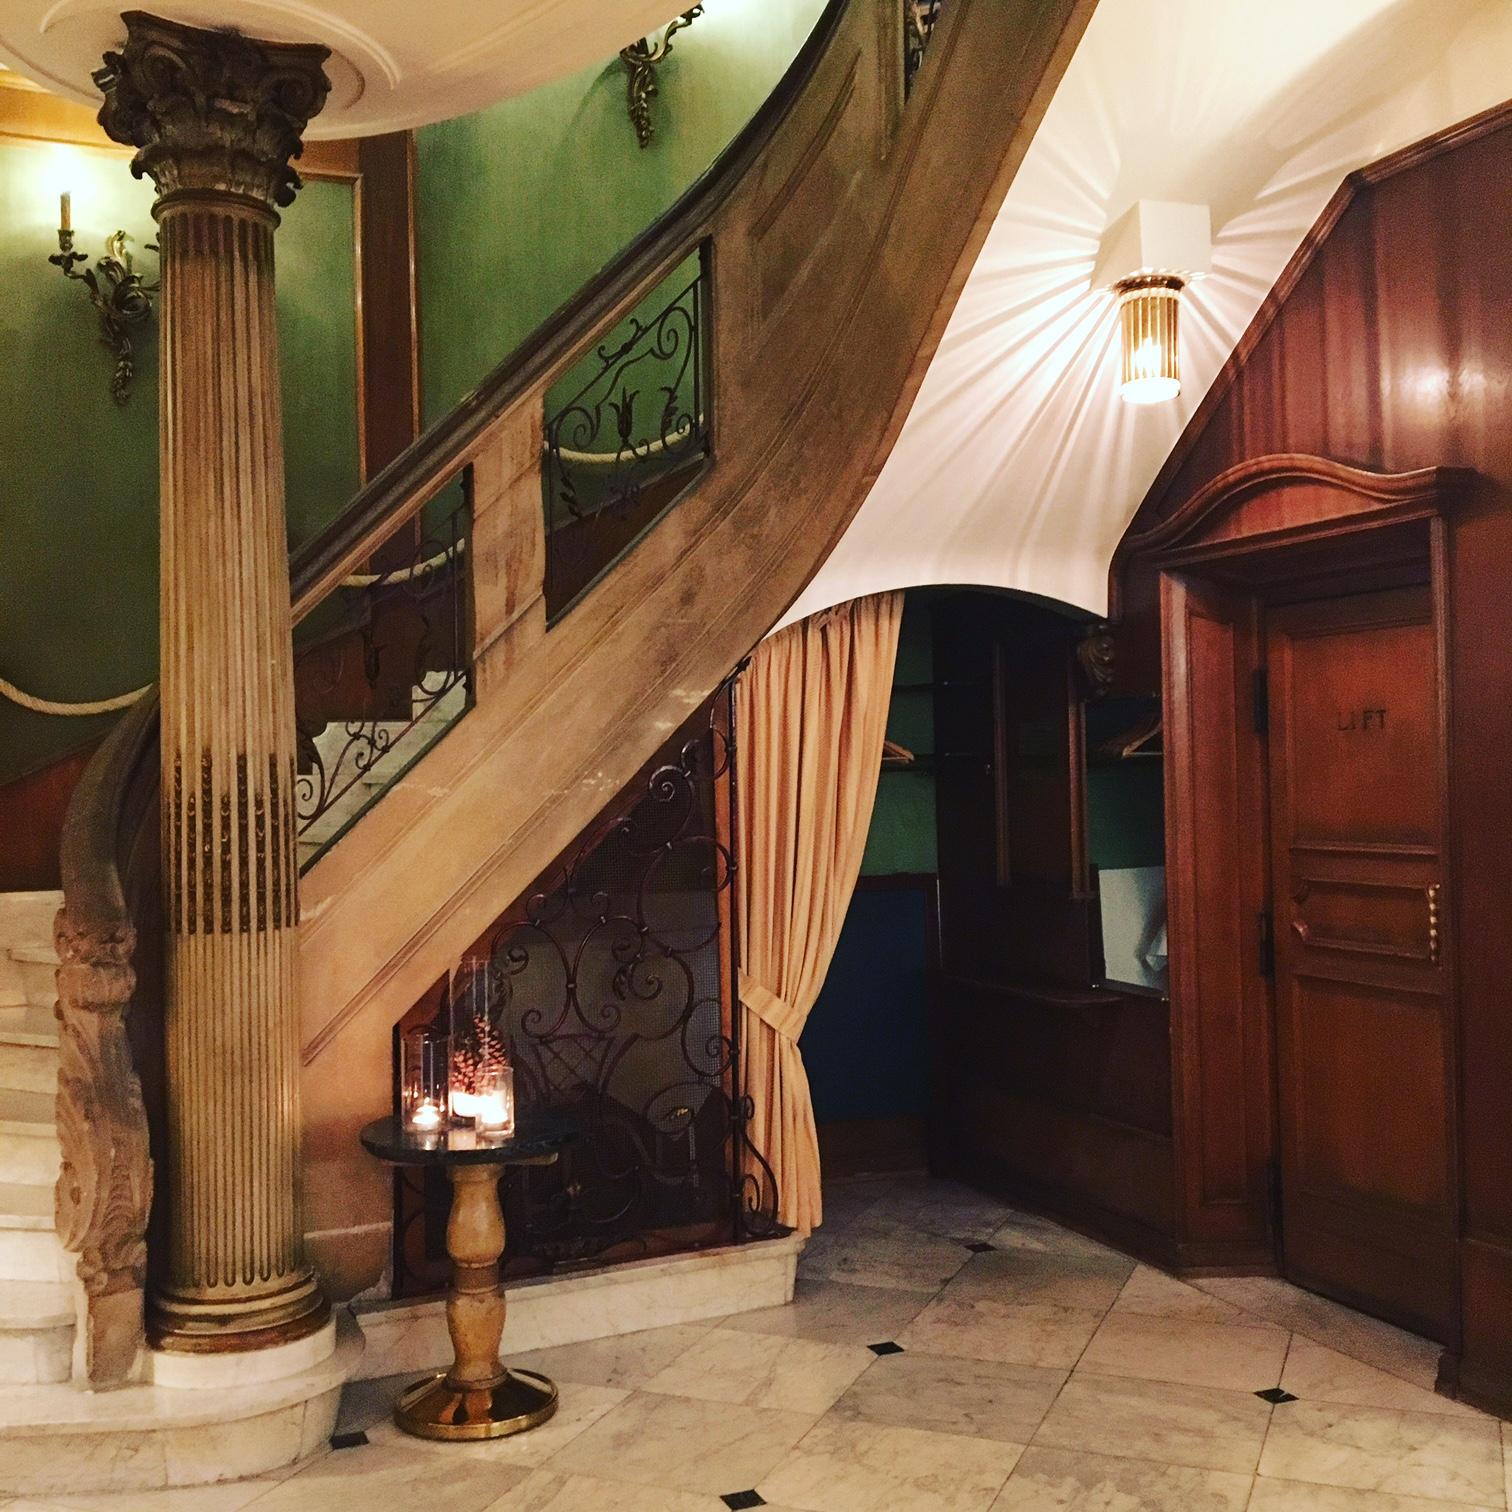 Grand Hotel Cravat A Classic With A Bar Luxlove